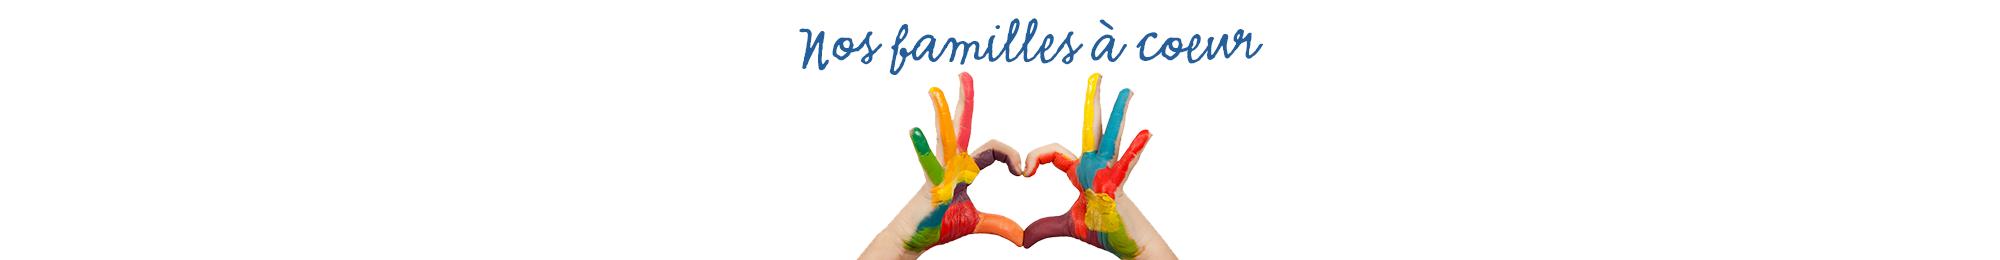 Nos familles à cœur